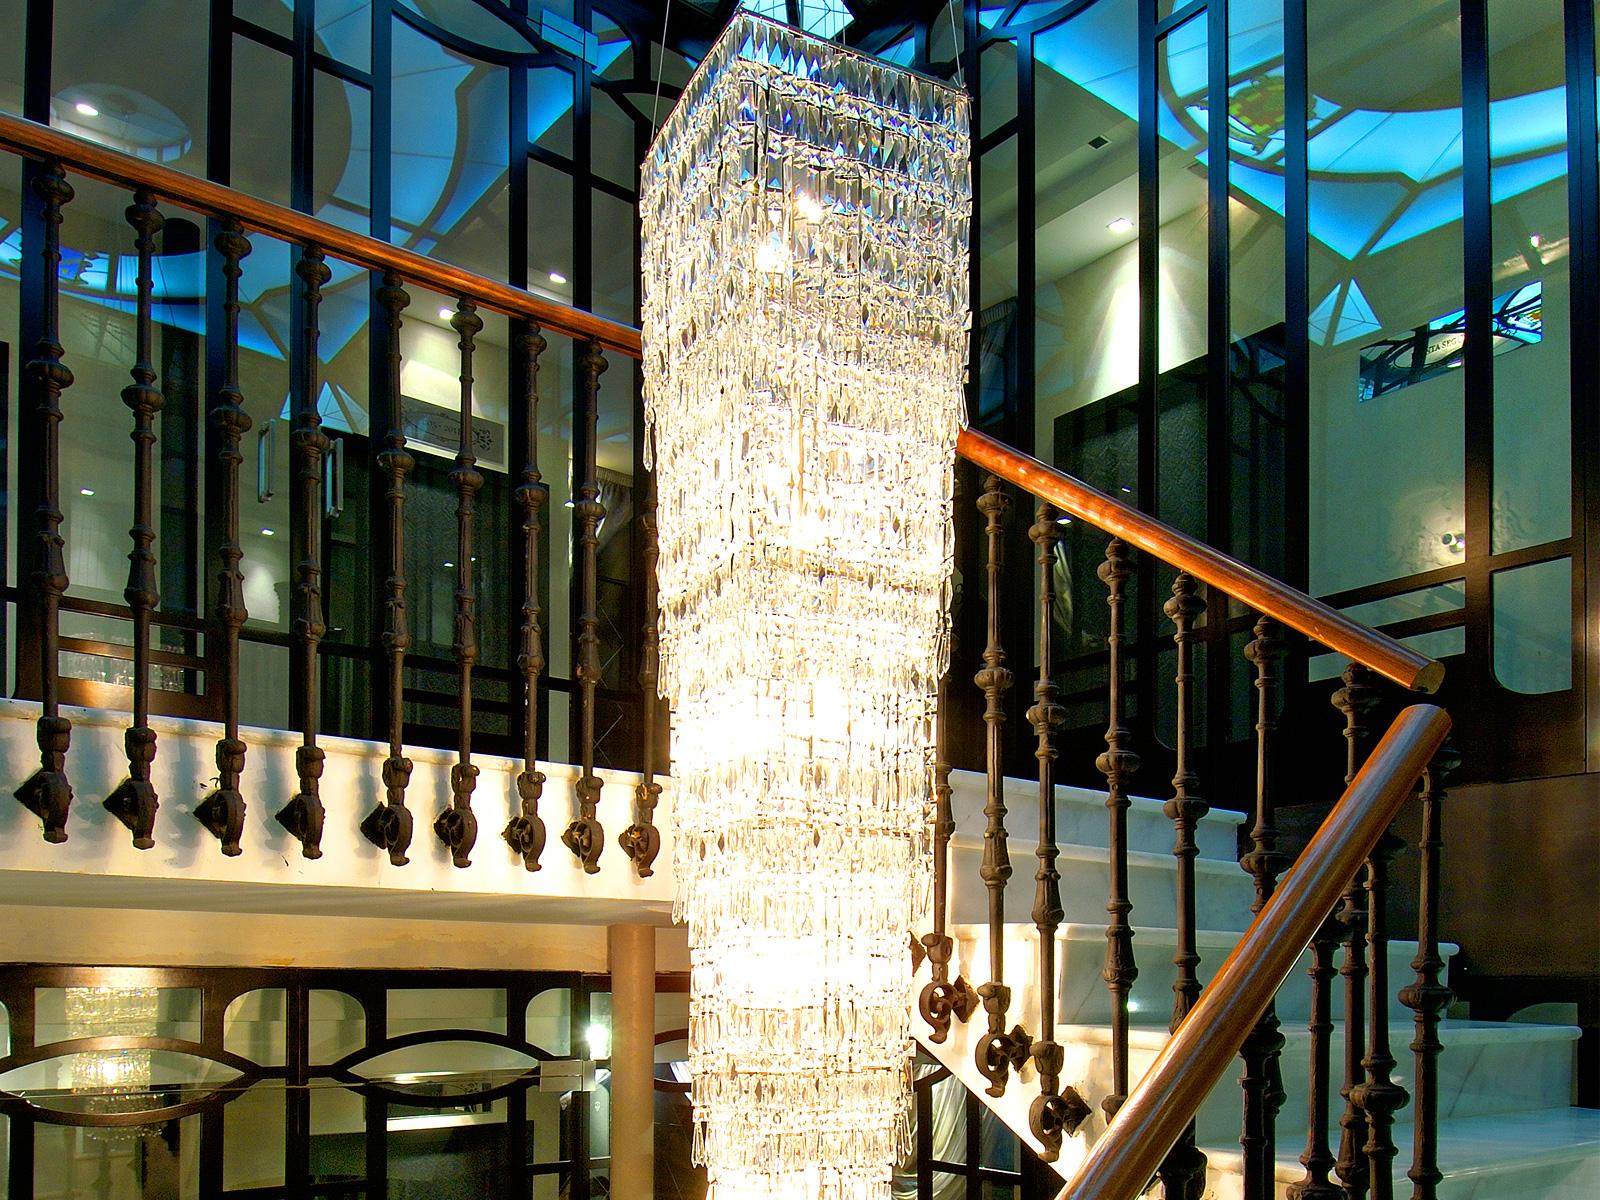 Escaliers - Vincci Palace 4*